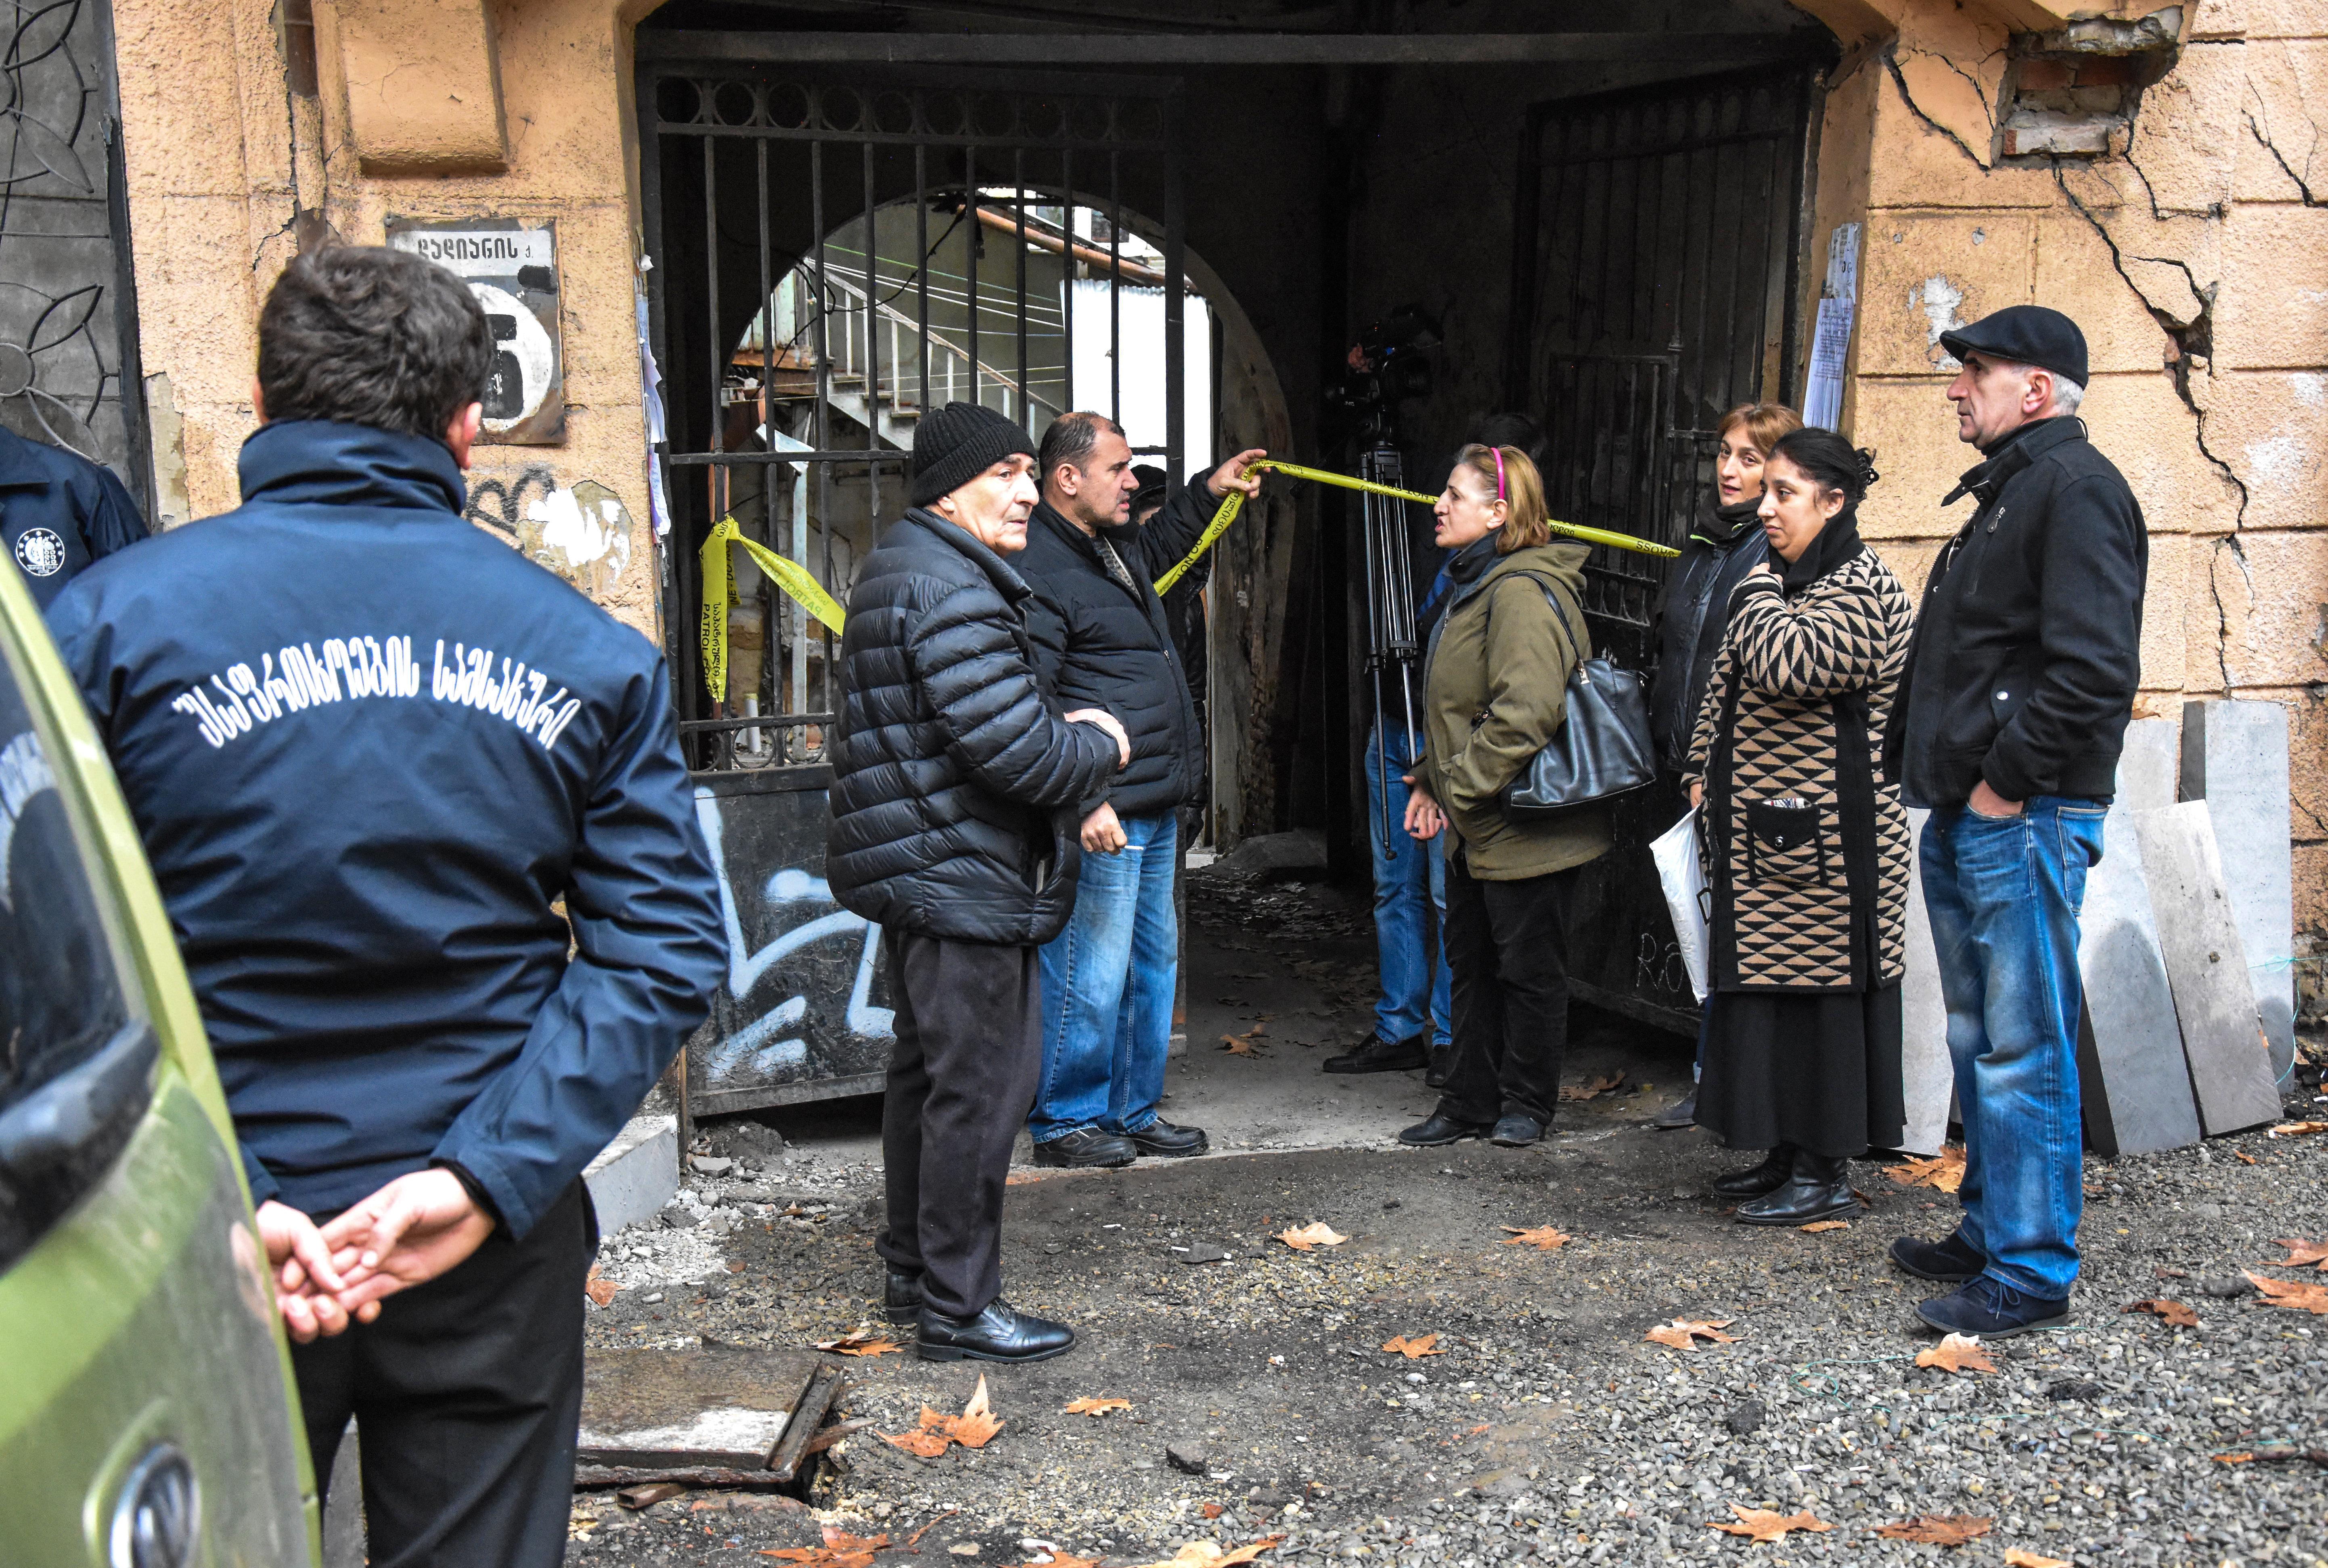 Жильцы дома на улице Шалвы Дадиани 16 в Тбилиси